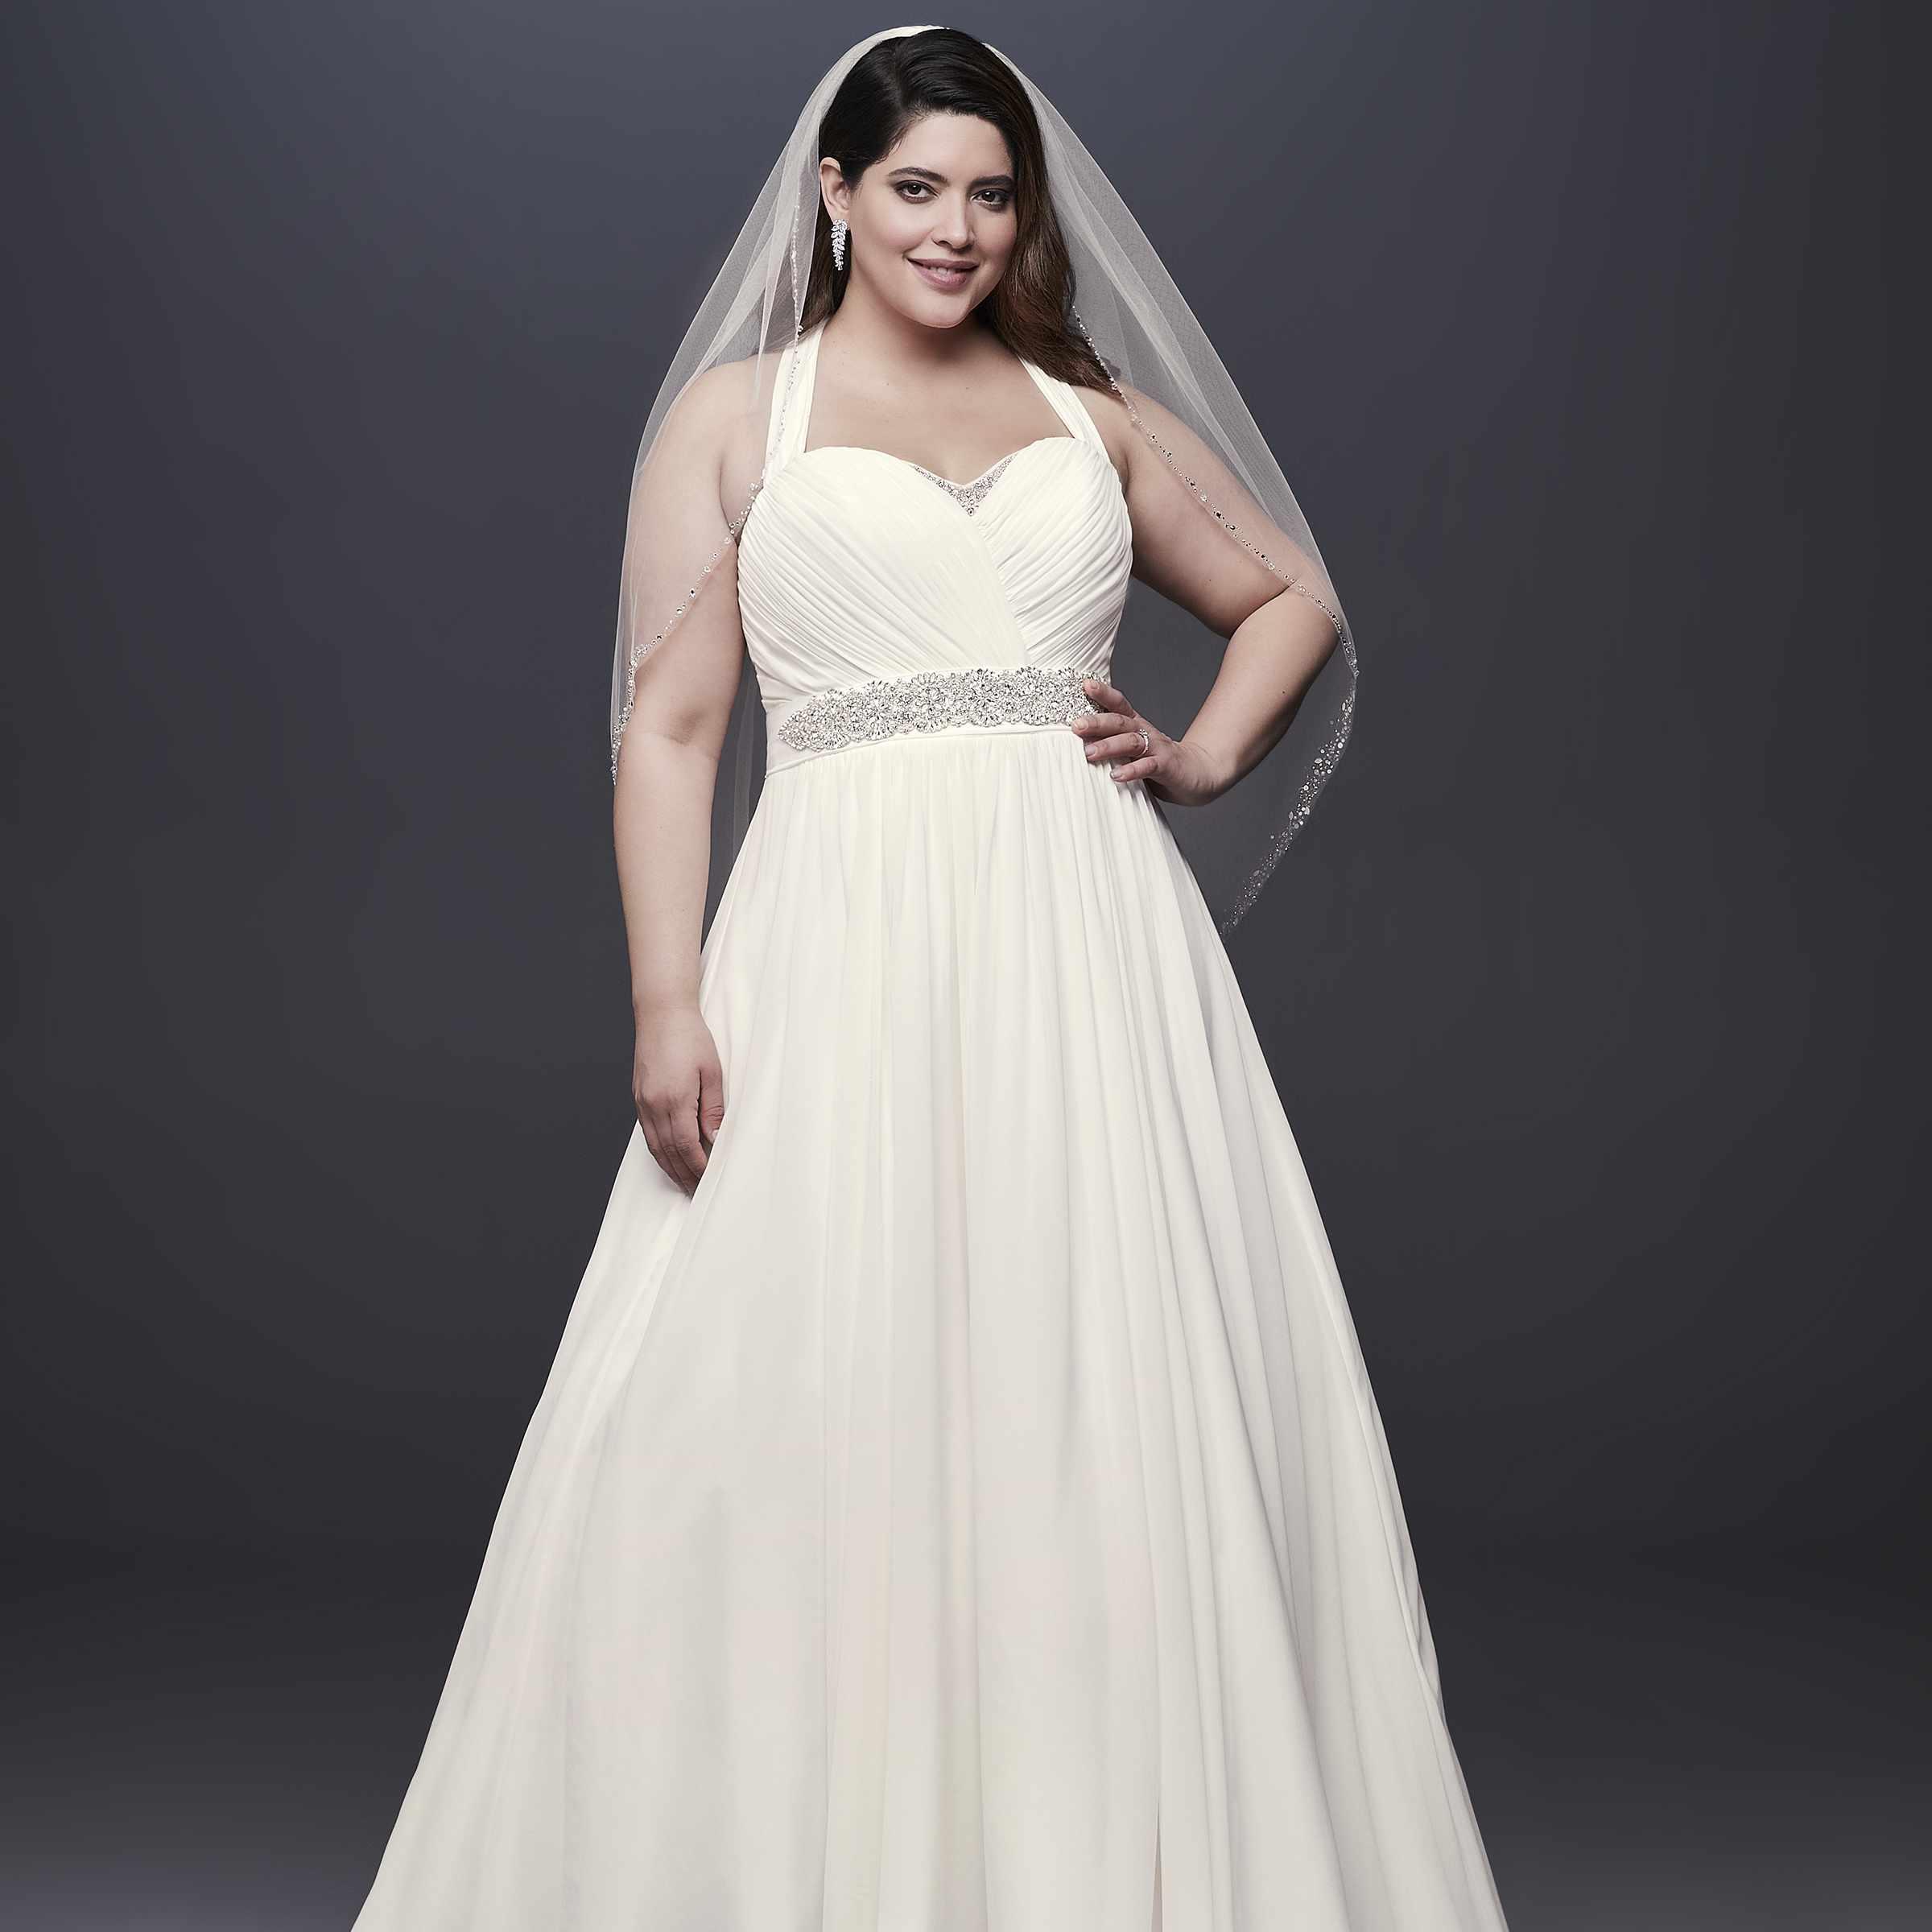 полностью свадебное платье для полных невысоких невест фото фотографий документов